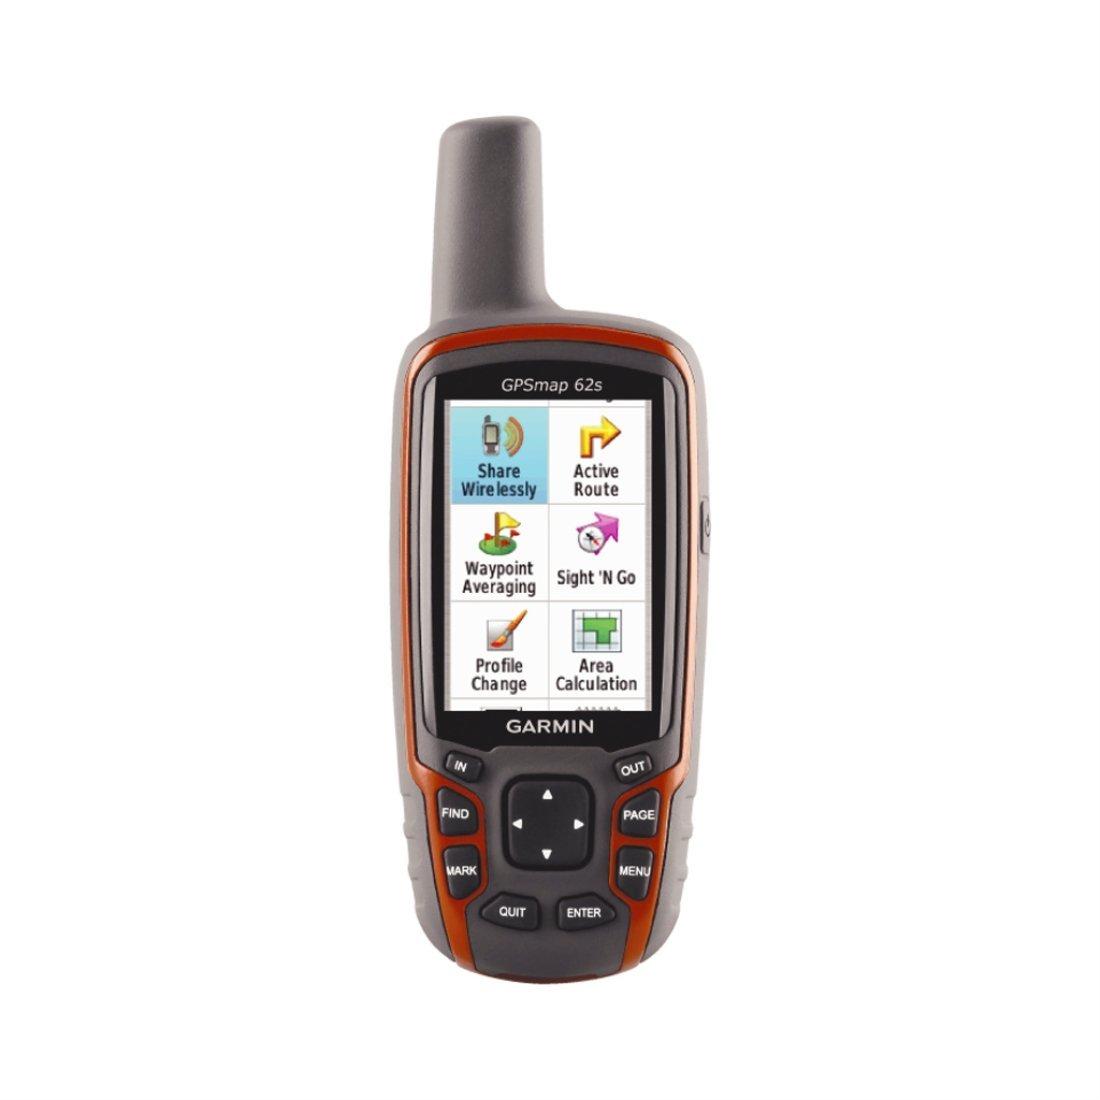 cf01faea02 GPS比較】山ではどちらが優秀か?GPSロガー「Holux m-241」 vs ハンディ ...